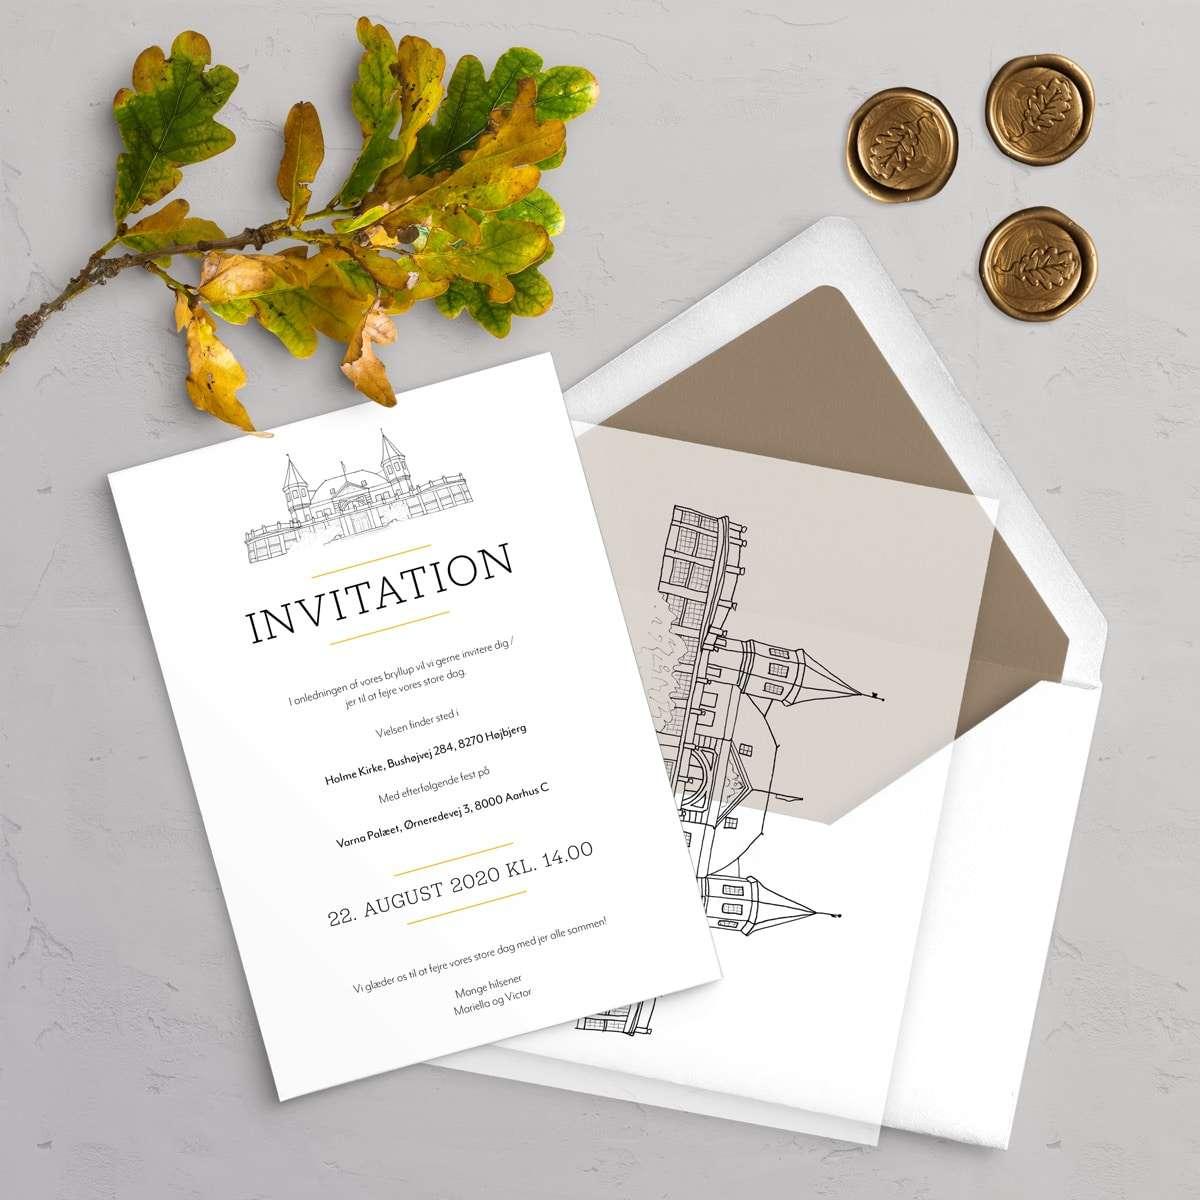 Bryllupsinvitation Varna Premium Bundle indeholder Varna bryllupsinvitation, vellum cover med dine gæsters navne, laksegl og kuvert med for.